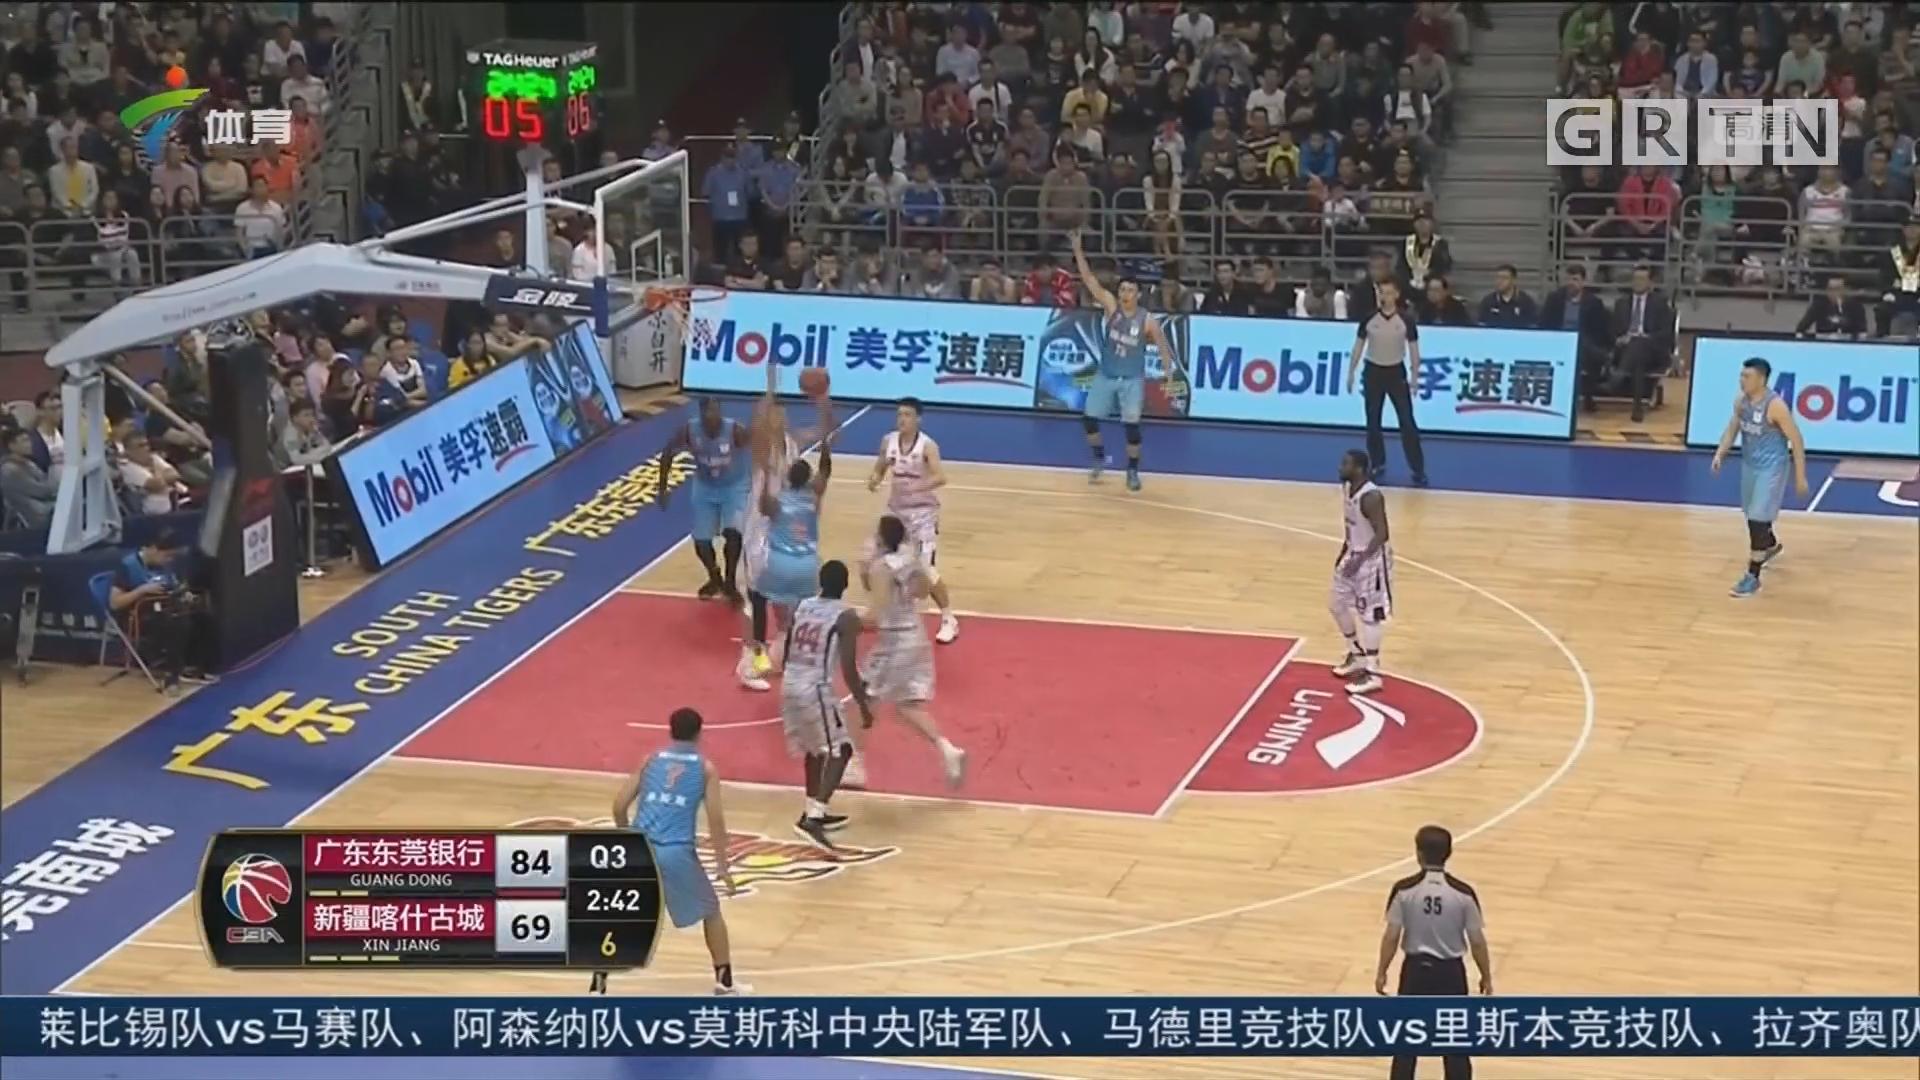 国内球员发挥出色 广东队主场大胜新疆